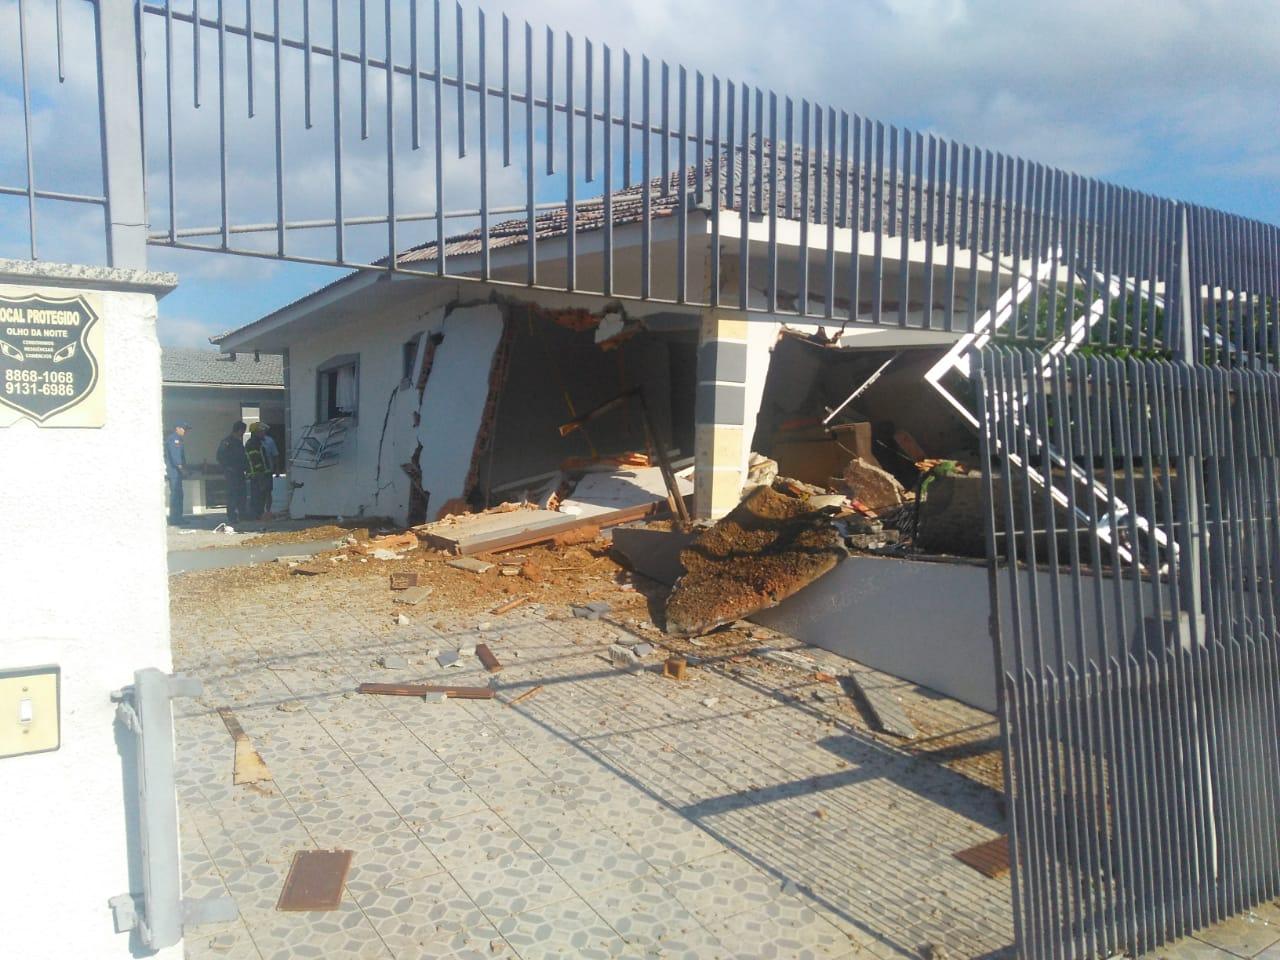 Uma casa explodiu por volta das 8h40 desta terça-feira (19) no bairro Vila Becker, em Santo Amaro da Imperatriz, na Grande Florianópolis. Nela moravam Luiz Gonzaga, de 70 anos, e a sua esposa Terezinha Gonzaga, de 68 anos - Regional FM/Divulgação/ND